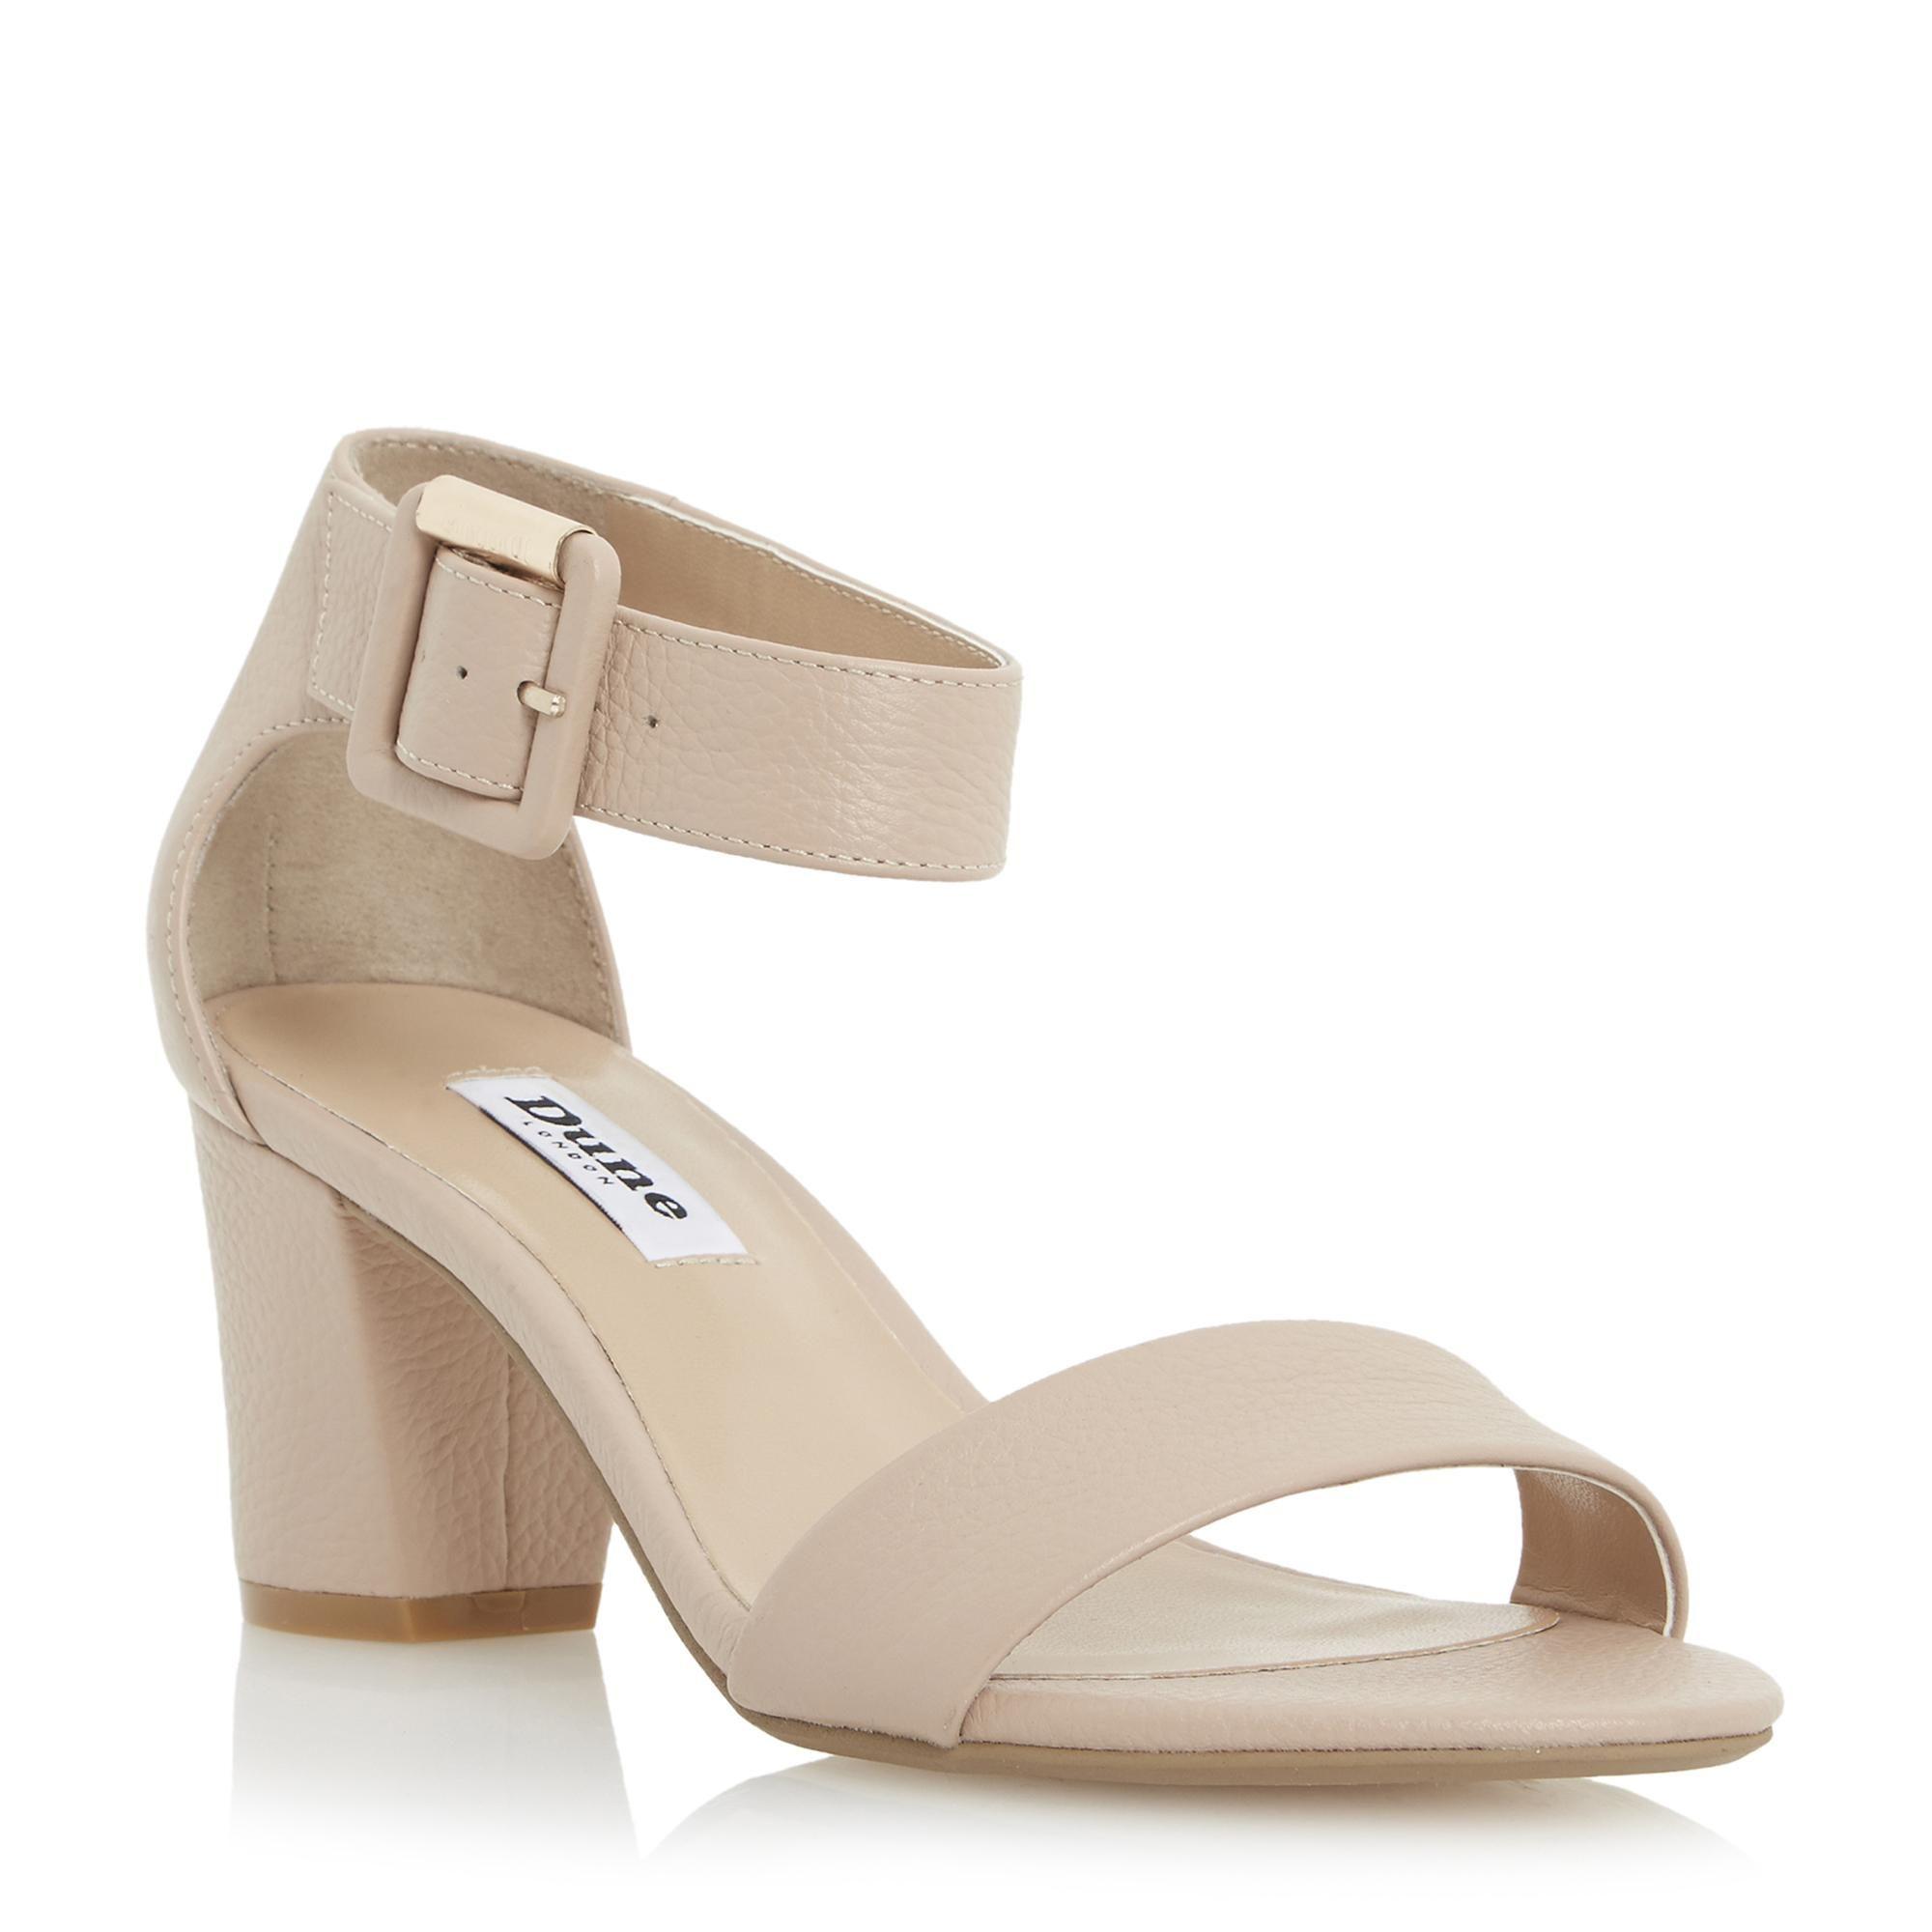 bd8af501023c DUNE LADIES JOYE - Two Part Block Heel Sandal - nude